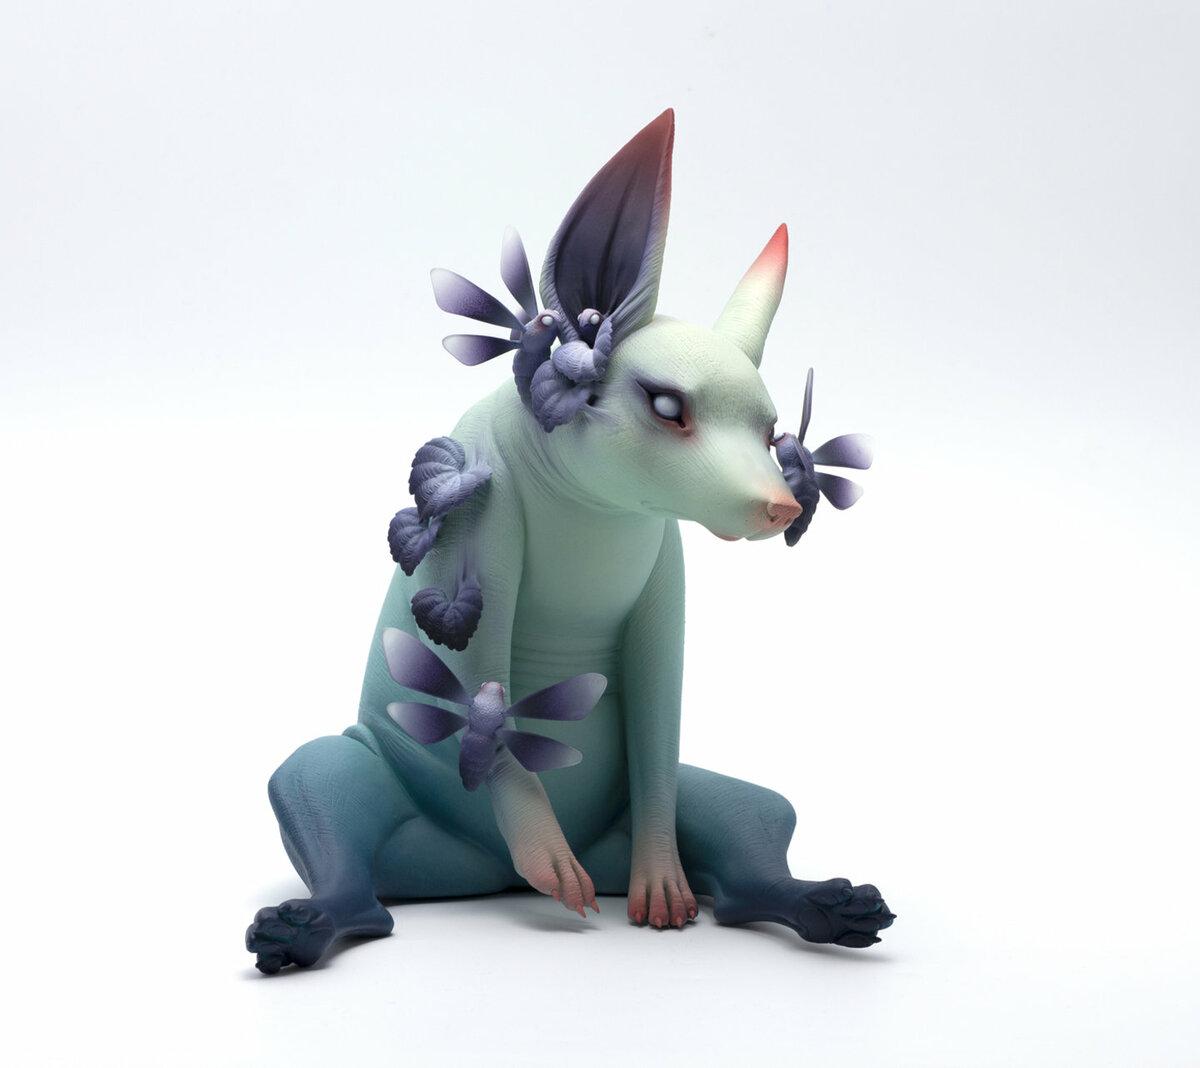 Странные создания из керамики от Эрики Санада. Жуткие и прекрасные.